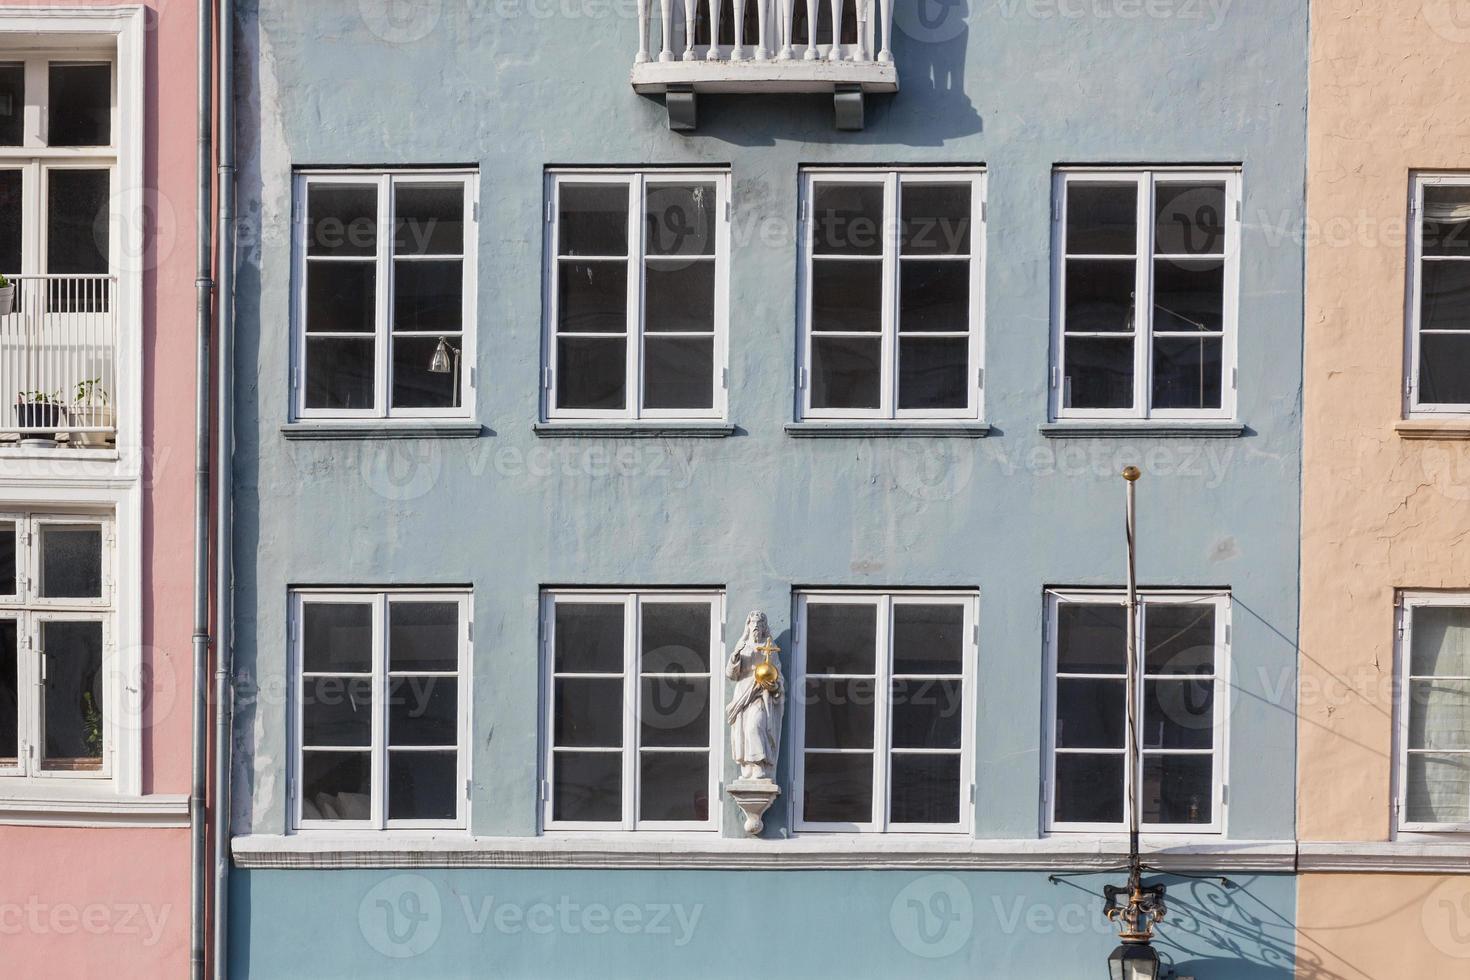 casas coloridas típicas na cidade velha de Copenhaga foto